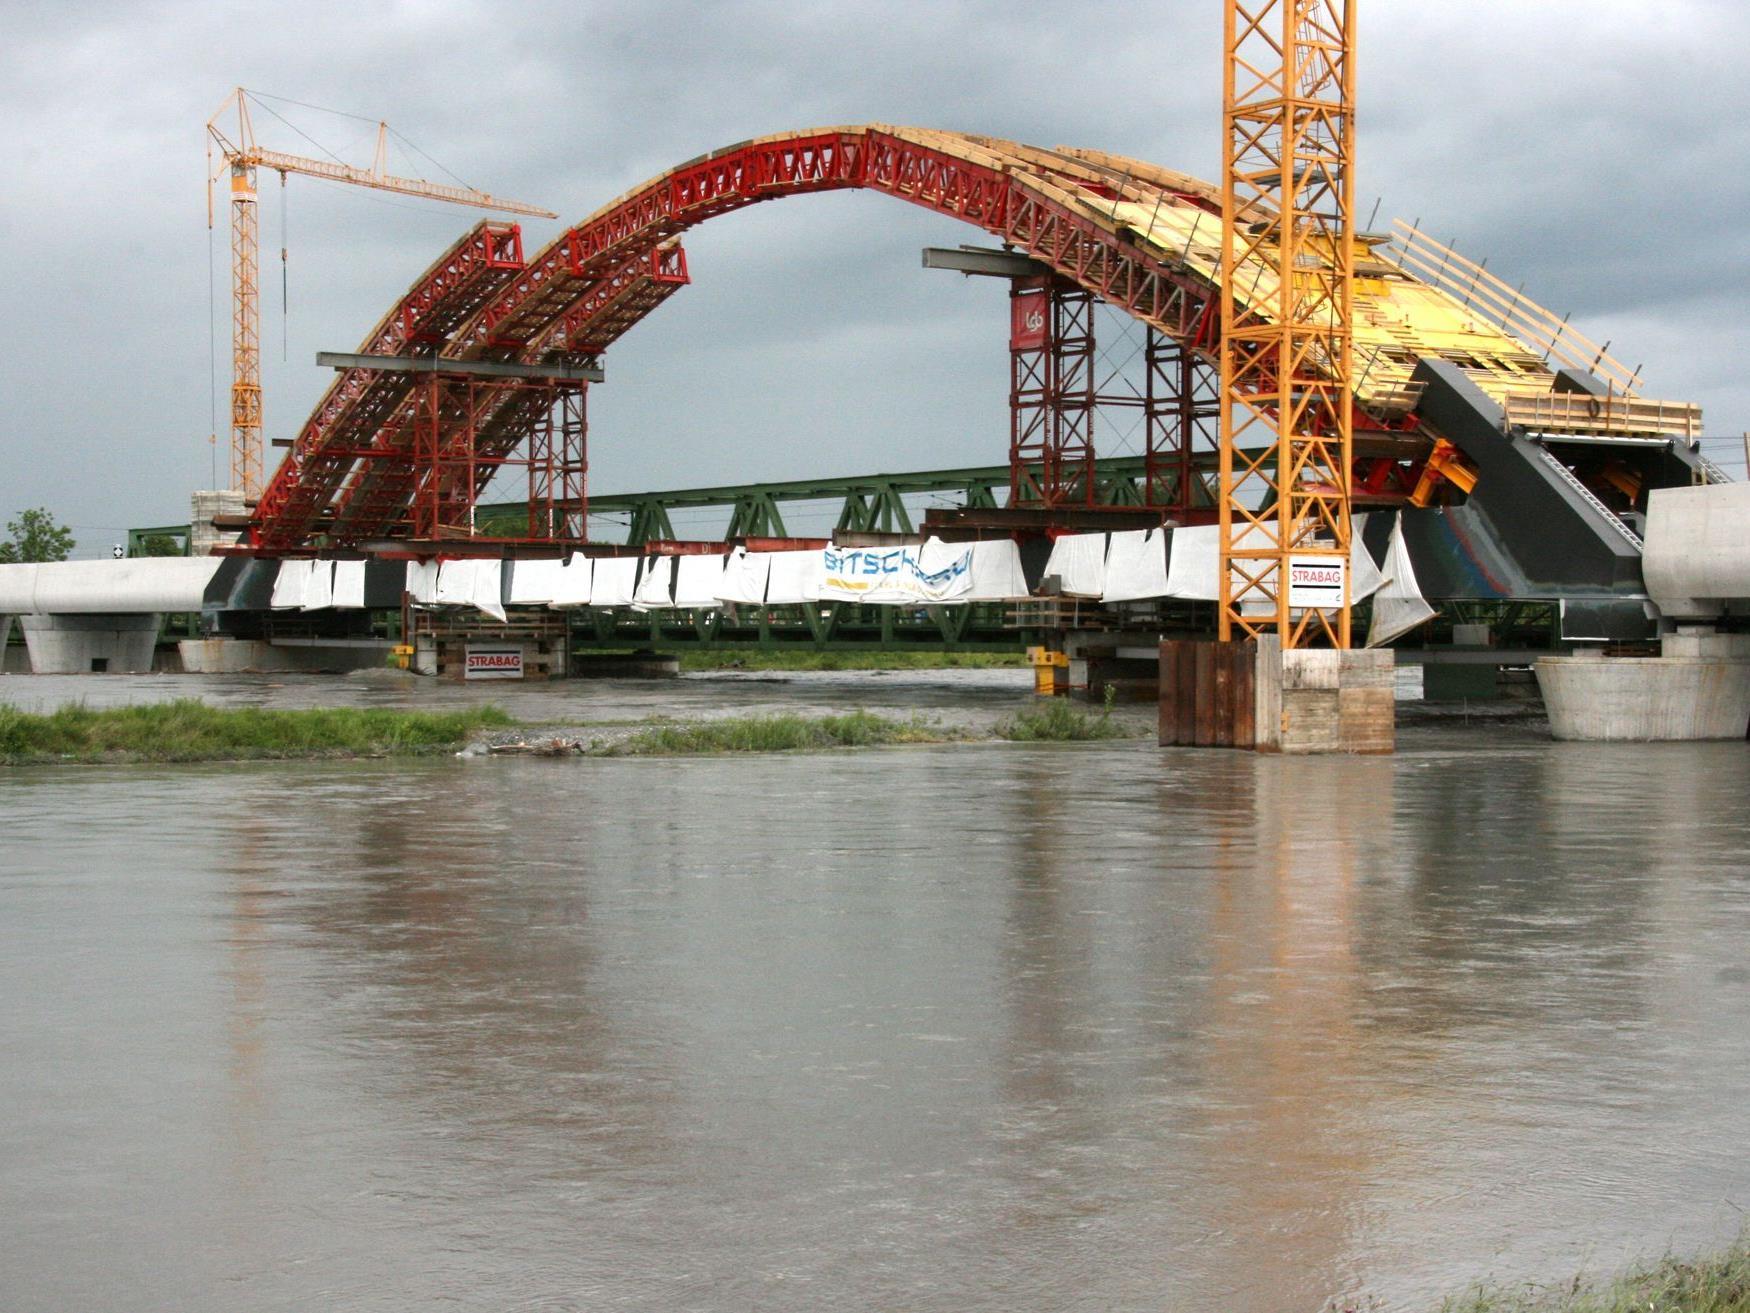 Die neue Rheinbrücke nimmt Form an, momentan stoppt der Hochwasser führende Rhein die Bauarbeiten.